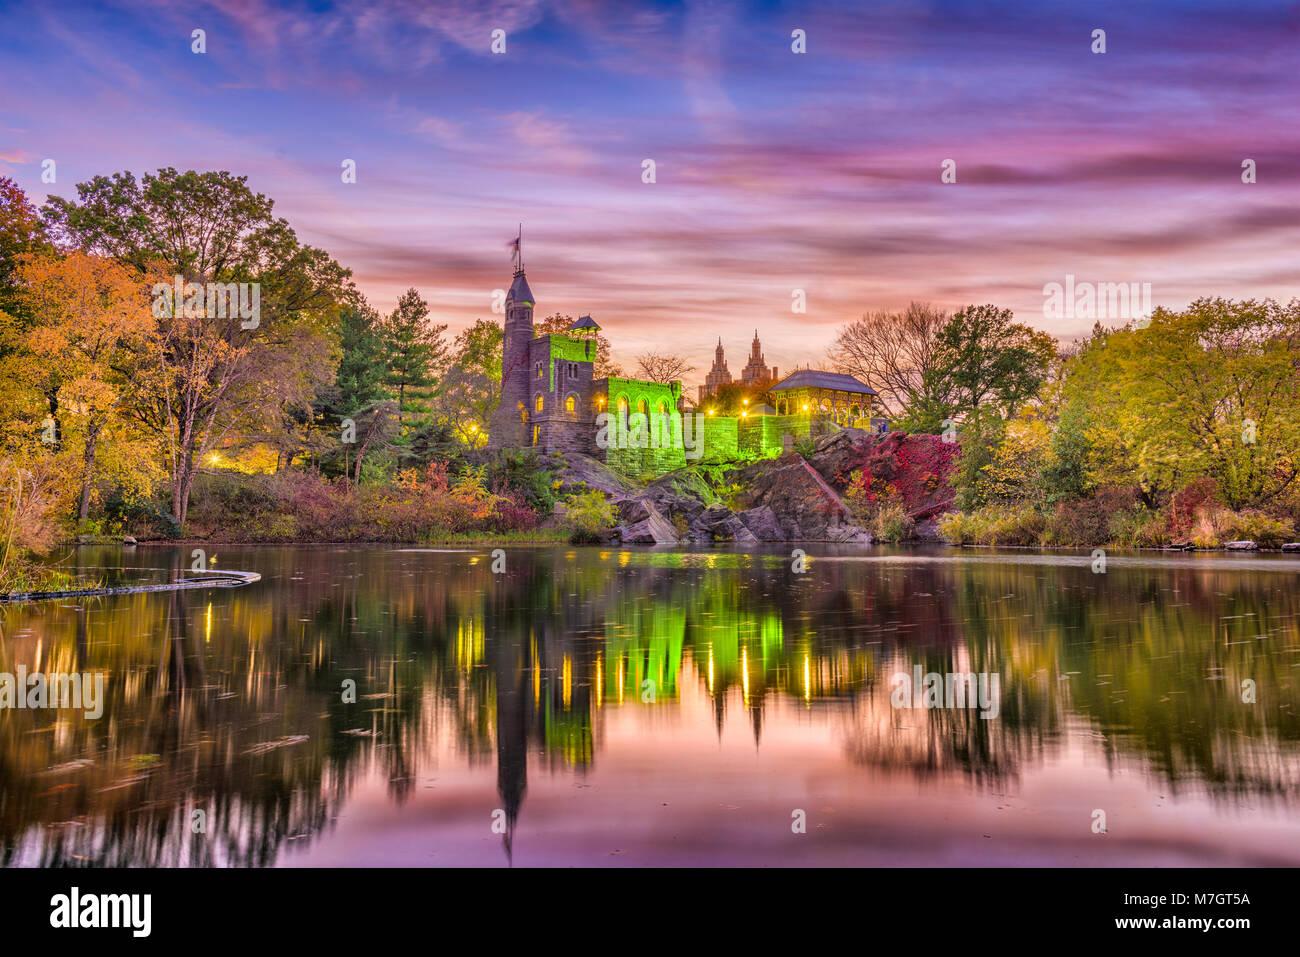 New York New York presso il Central Park e Castello di stagno durante un autunno al tramonto. Immagini Stock